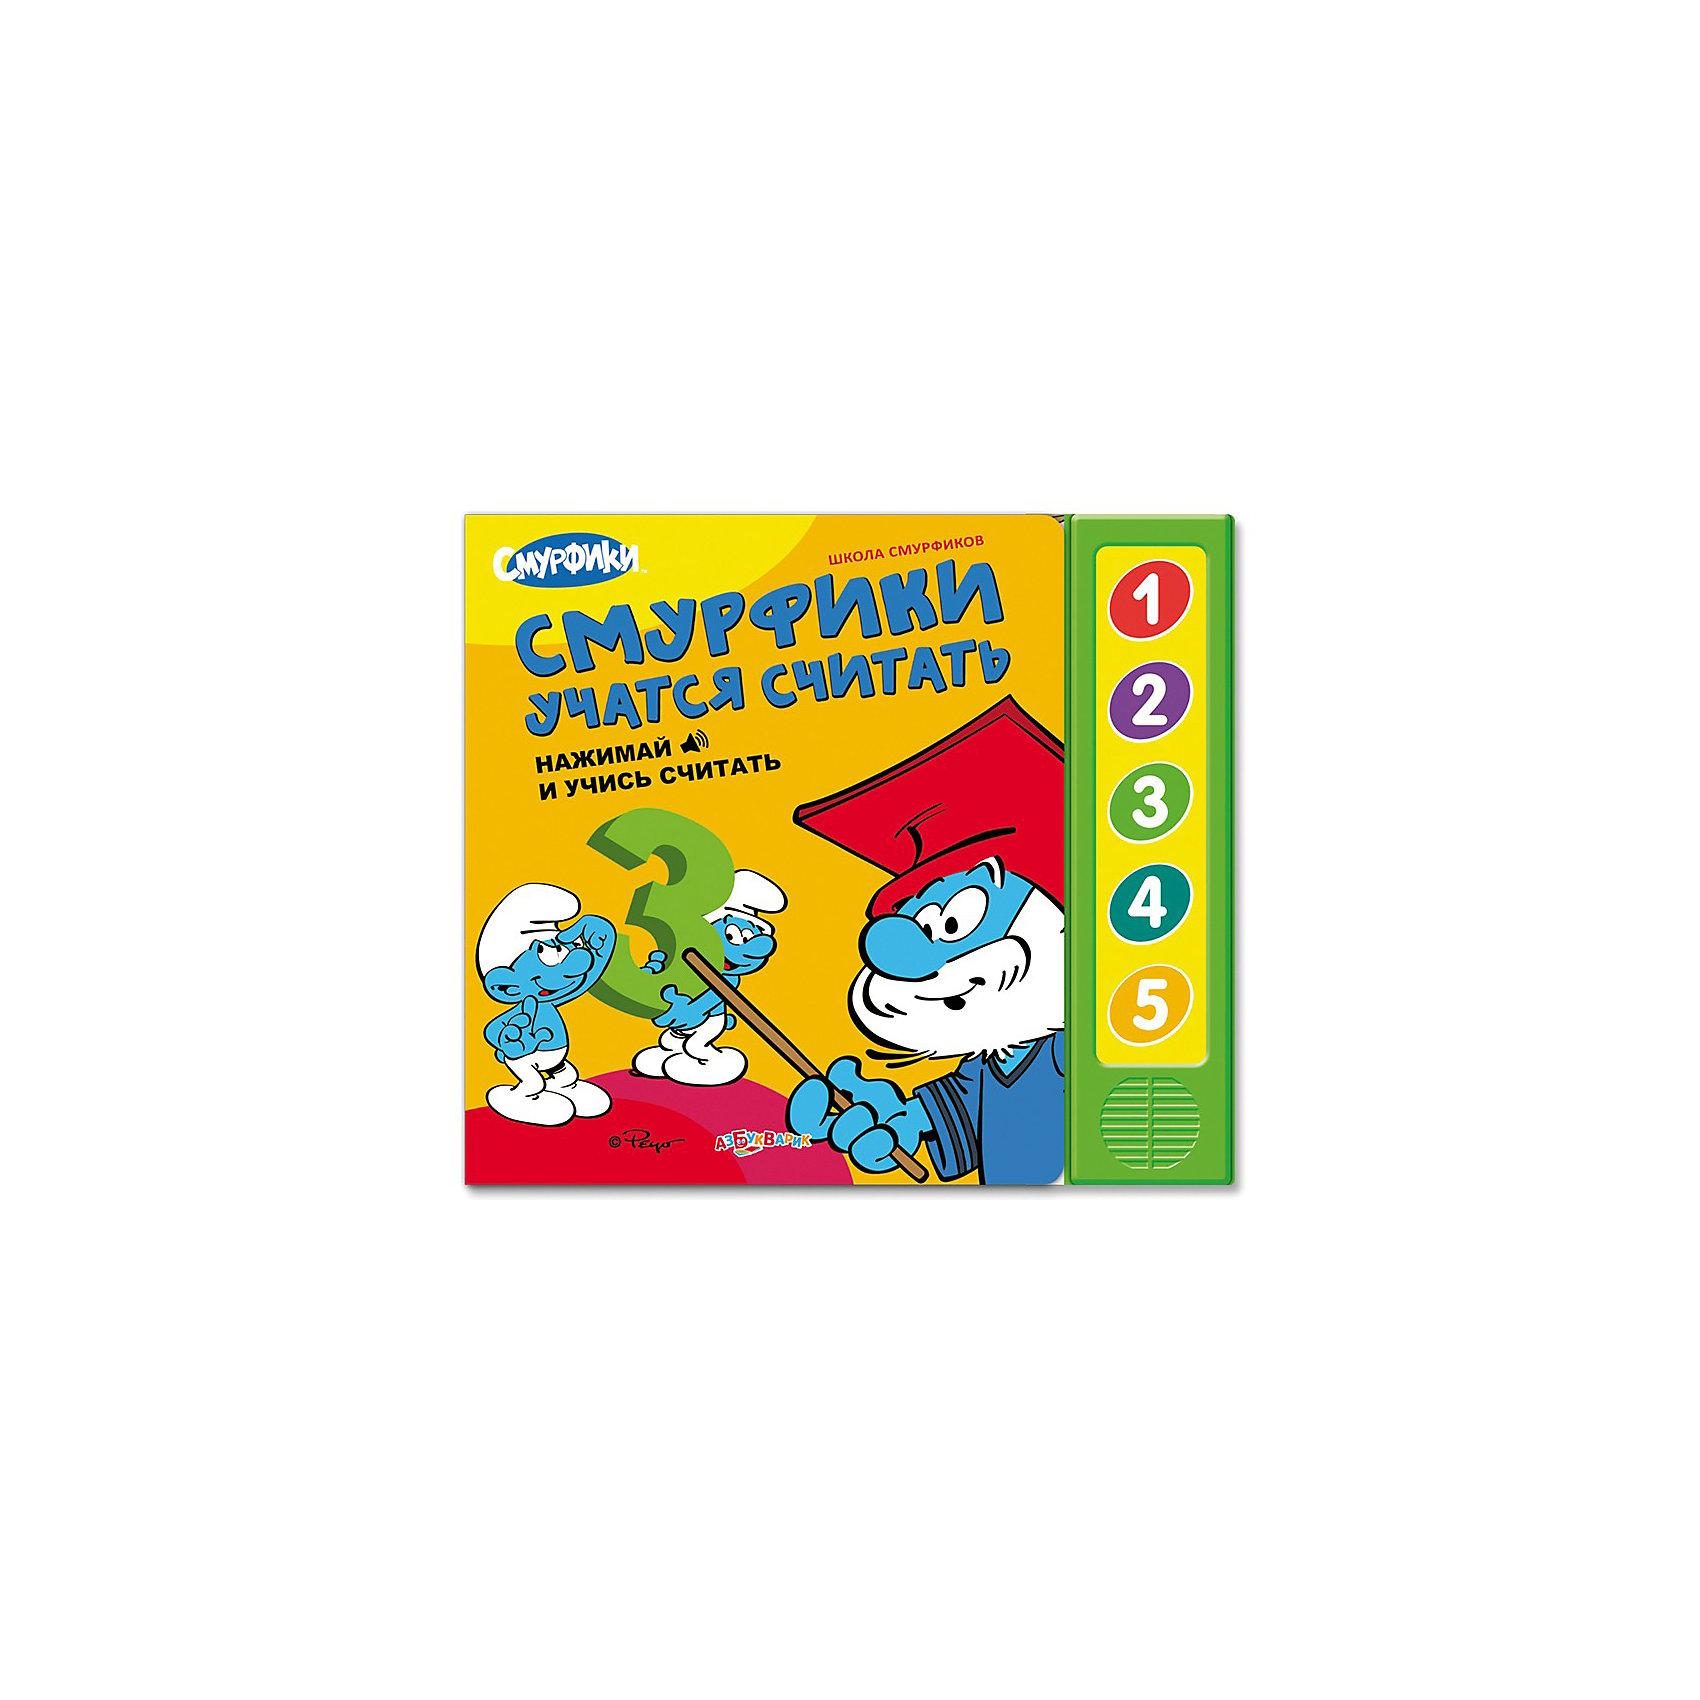 Книга с 5 кнопками Смурфики учатся считатьВ этой книжке Смурфики учатся считать, серия Школа смурфиков, Азбукварик веселые смурфики познакомят тебя с цифрами и расскажут смешные истории!<br><br>Школа смурфиков – это самая веселая школа в мире! Рассматривая забавные картинки и нажимая на кнопочки, малыши легко научатся считать от 1 до 5. На каждой страничке – приключения и загадки. Сколько морских звёзд выловил Красавчик для Смурфетты? А сколько шариков на ёлку повесил Папа Смурф?<br><br>Дополнительная информация:<br><br>-Размеры: 21,5х19 см<br>-Материалы: картон<br>-Количество страниц: 10<br><br>Учиться со смурфиками так же интересно, как смотреть мультики с забавными гномиками!<br><br>Книгу Смурфики учатся считать, серия Школа смурфиков, Азбукварик можно купить в нашем магазине.<br><br>Ширина мм: 215<br>Глубина мм: 190<br>Высота мм: 10<br>Вес г: 326<br>Возраст от месяцев: 24<br>Возраст до месяцев: 48<br>Пол: Унисекс<br>Возраст: Детский<br>SKU: 3651279